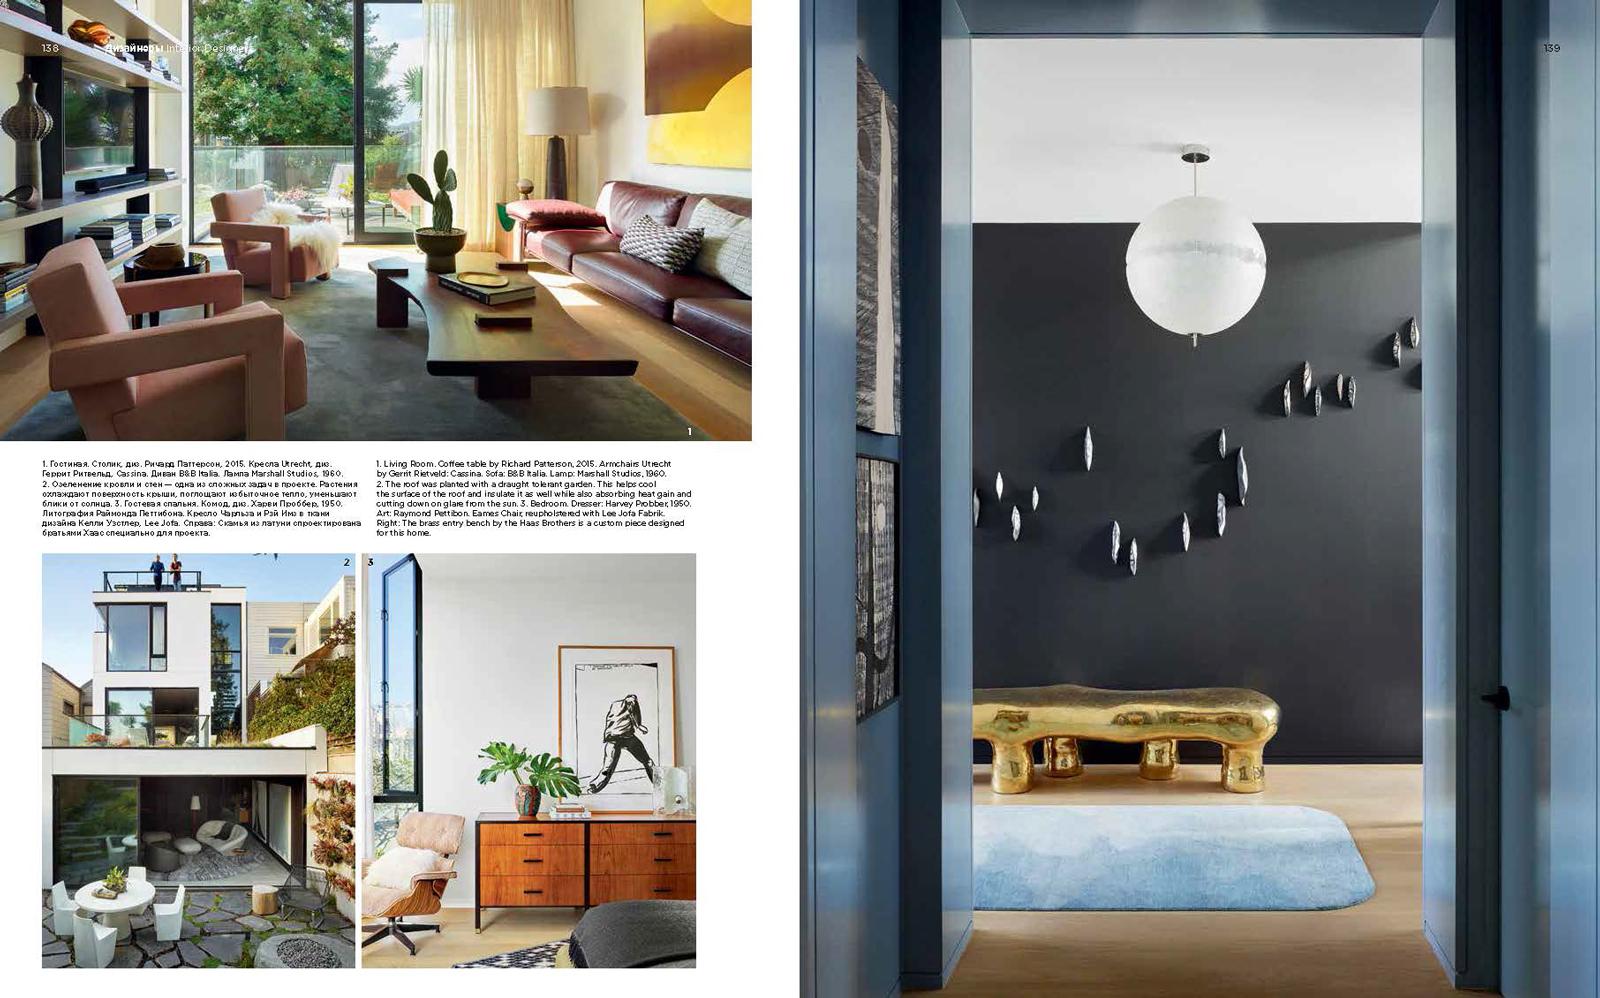 19-01-Interior+Design-Russia-pp-138-139.jpg